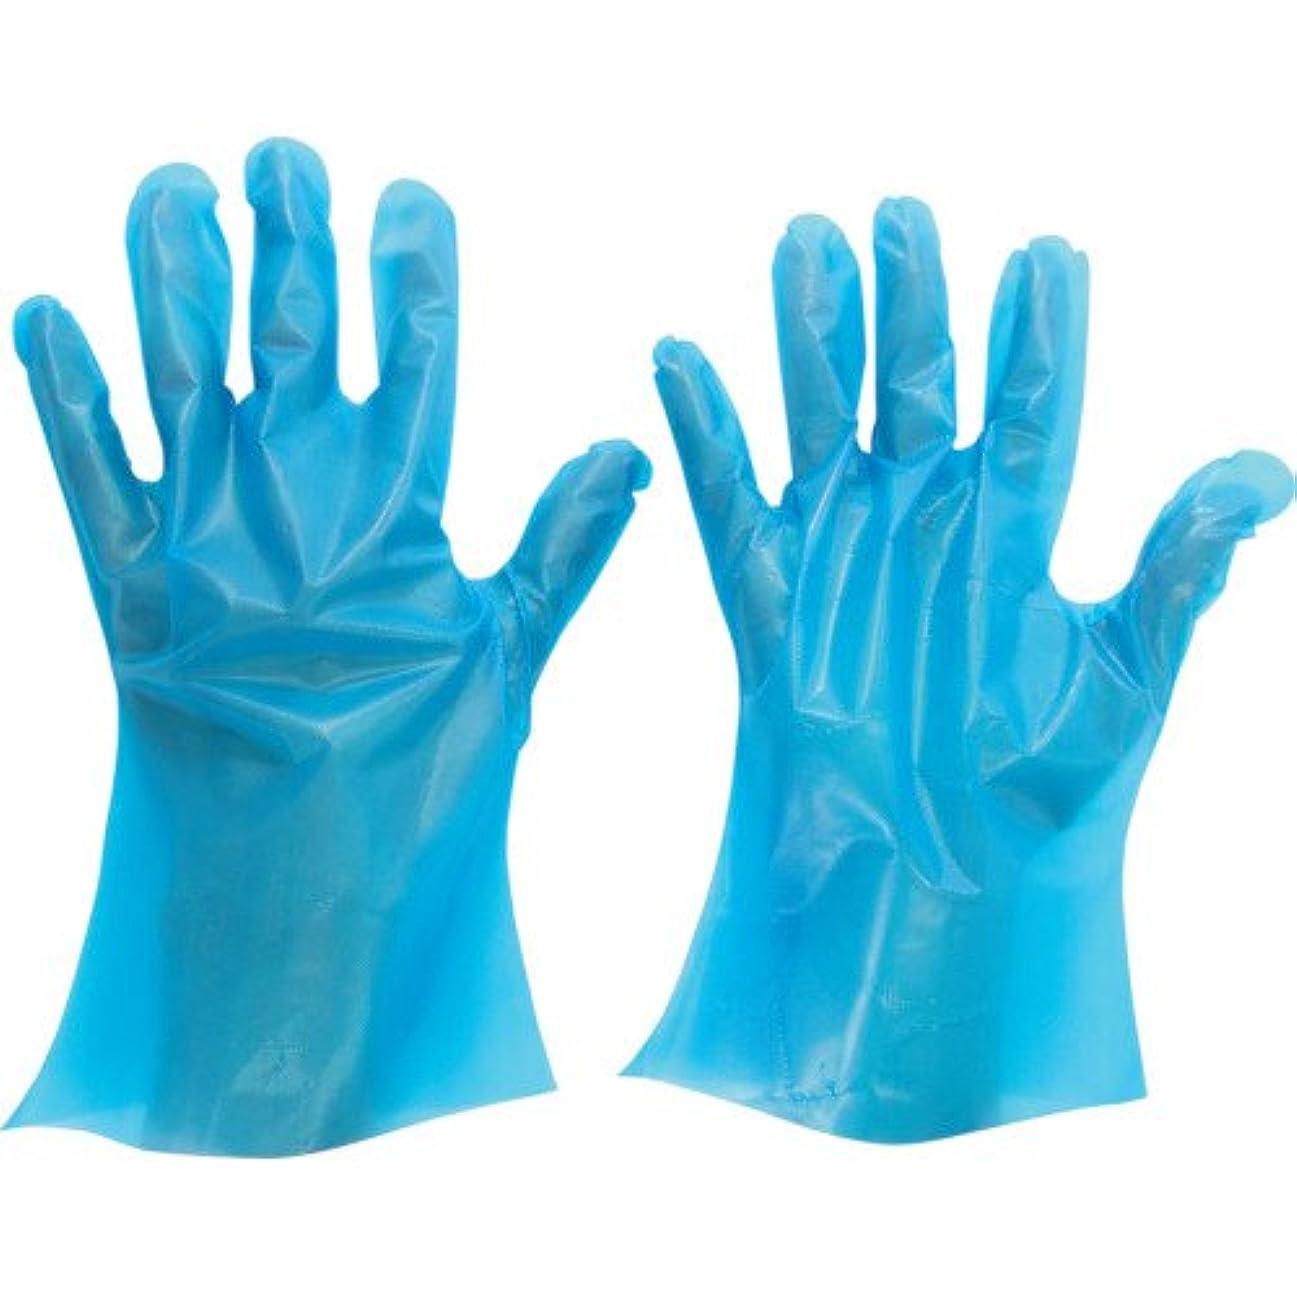 ハンカチ硬化するオーブンミドリ安全 ポリエチレン使い捨て手袋 厚手 外エンボス 200枚入 青 SS VERTE566NSS